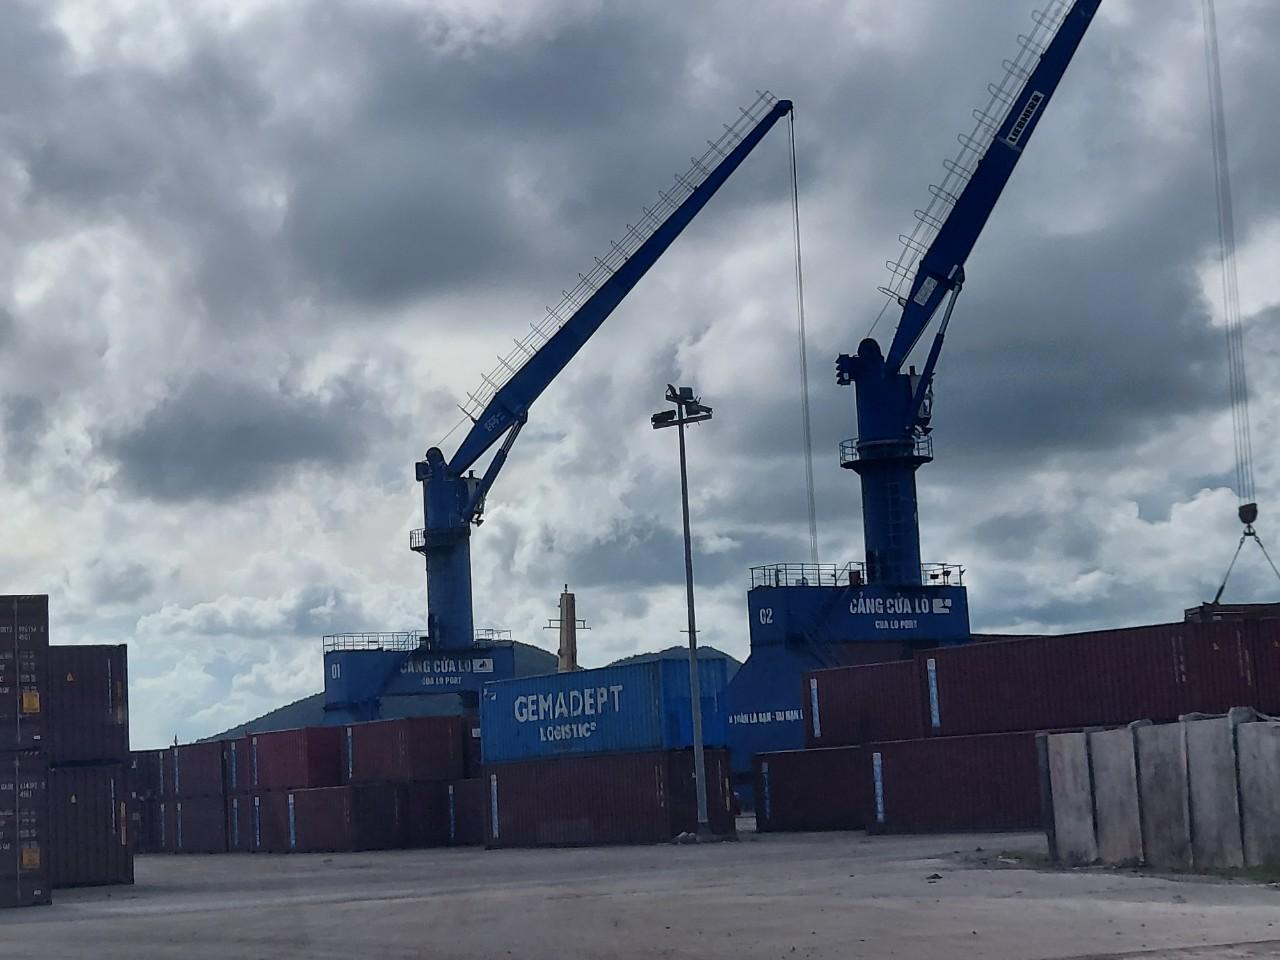 Hạ tầng kỹ thuật phục vụ phát triển chuỗi logistics những năm gần đây đã được đầu tư nâng cấp nhưng vẫn chưa đồng bộ theo hướng hiện đại